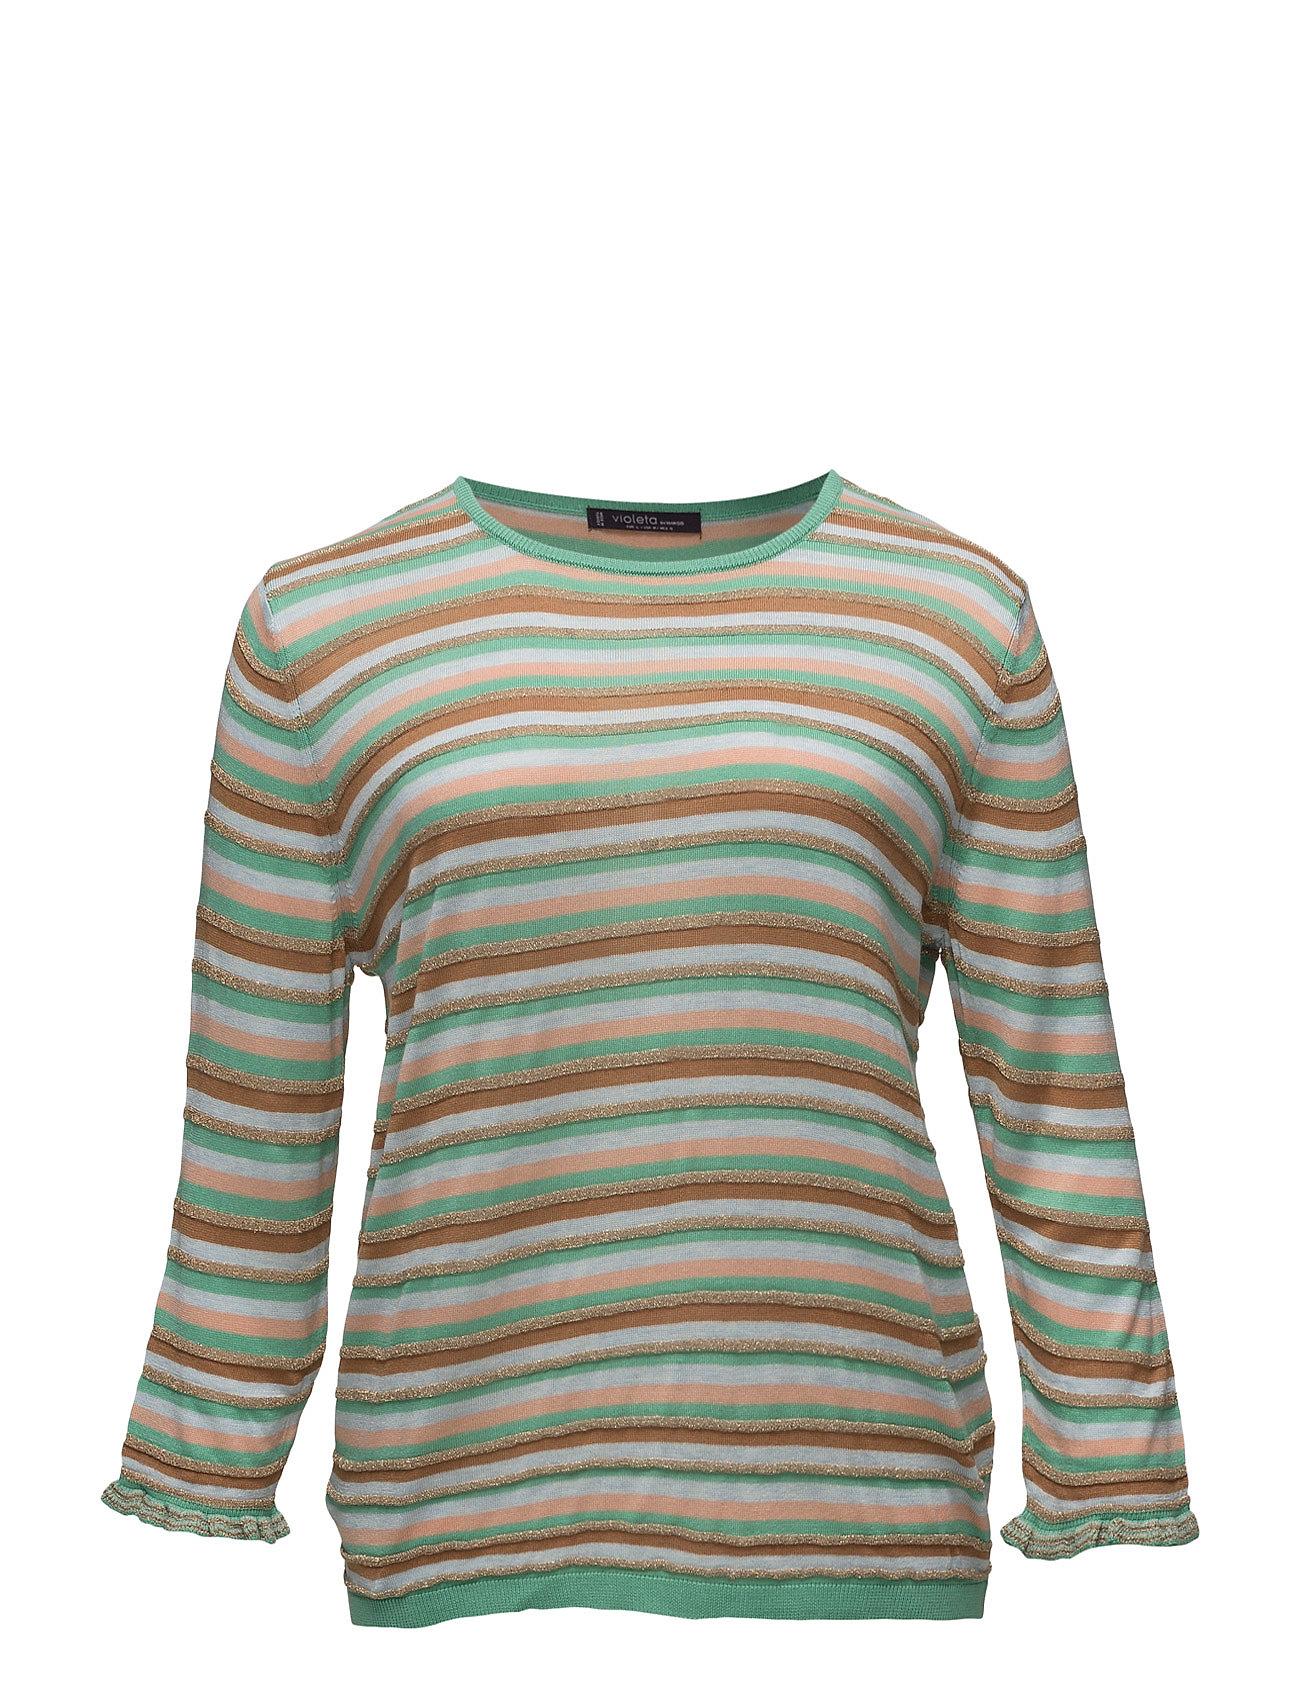 Supertuffa Textured Sweater Violeta by Mango Tröjor till Kvinnor i trevliga  material 5f4dd7f1945a5